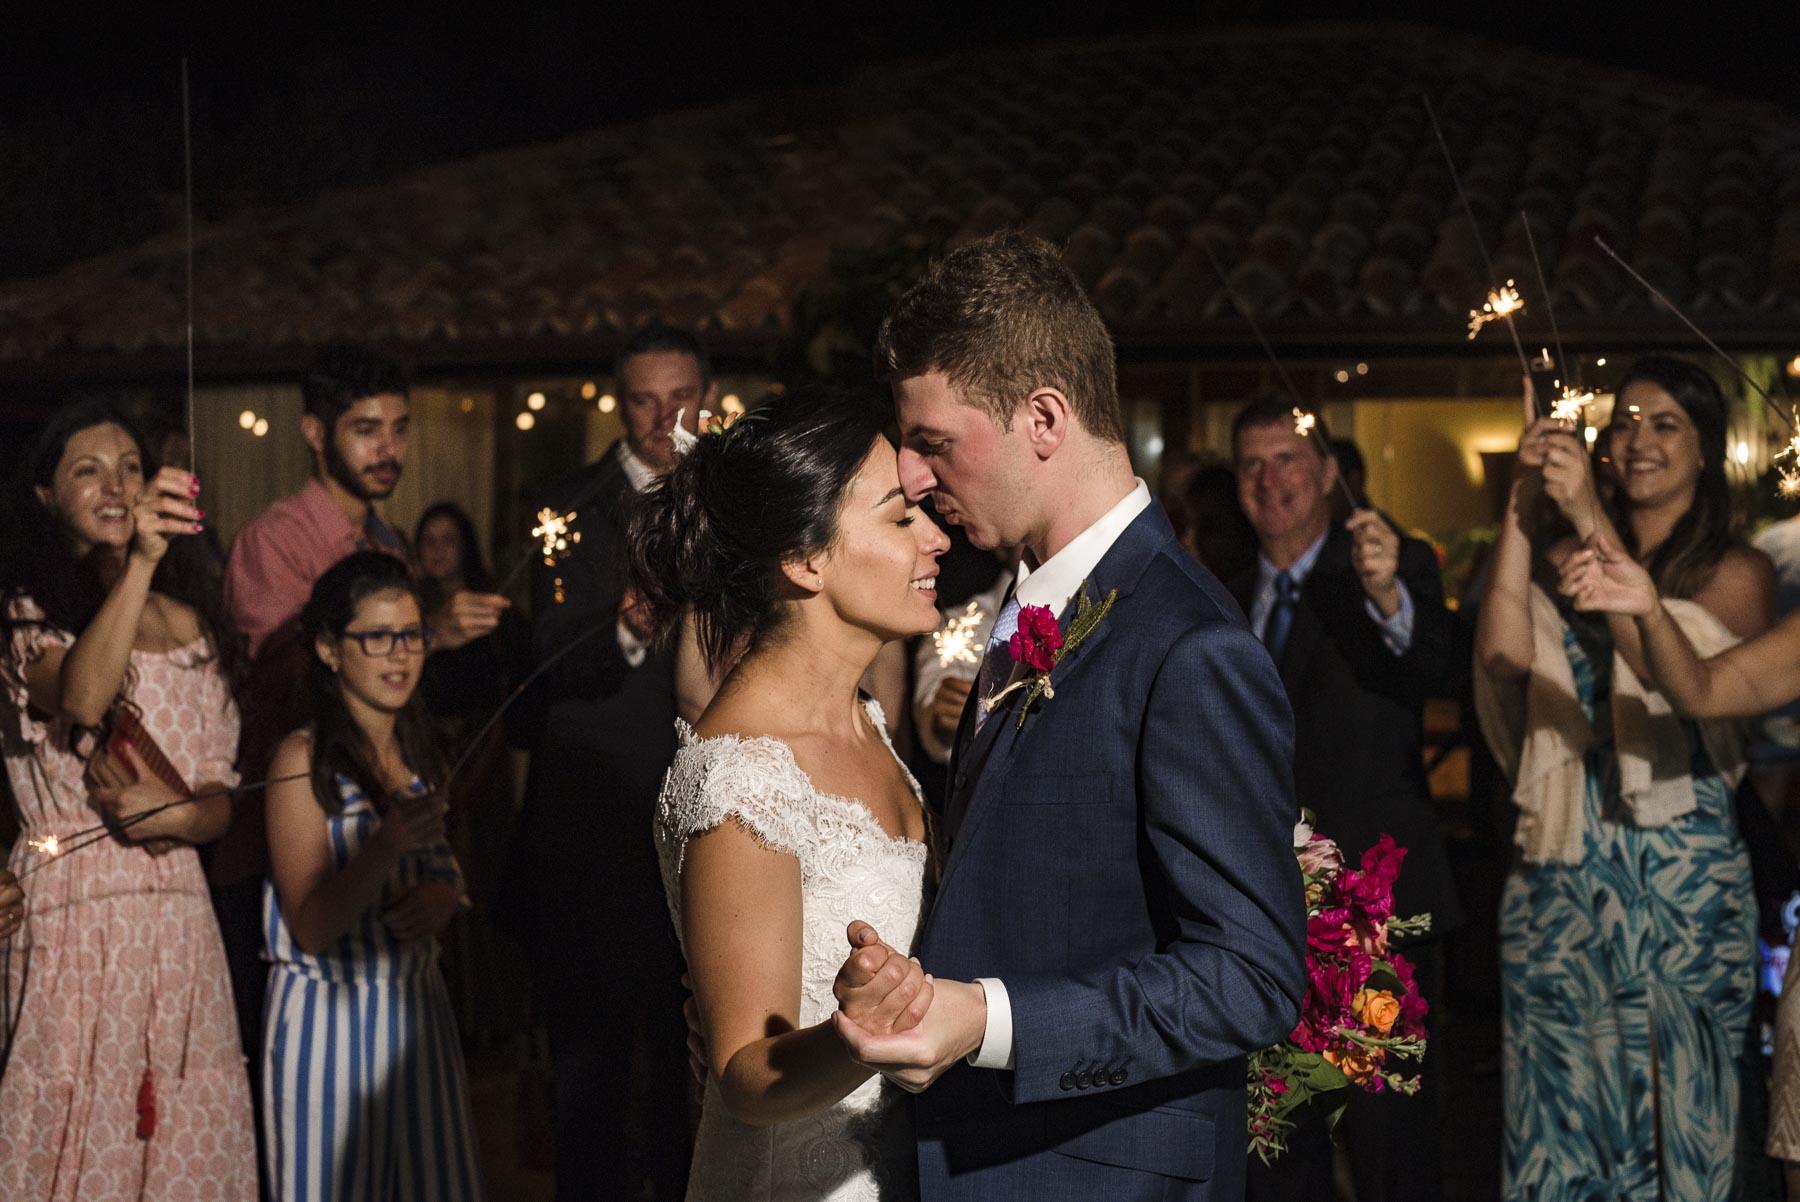 Brésil Mariage Elopement Réception Couple Danse Photo | Mon meilleur partenaire de danse, l'amour pour toute une vie! Enfin marié!